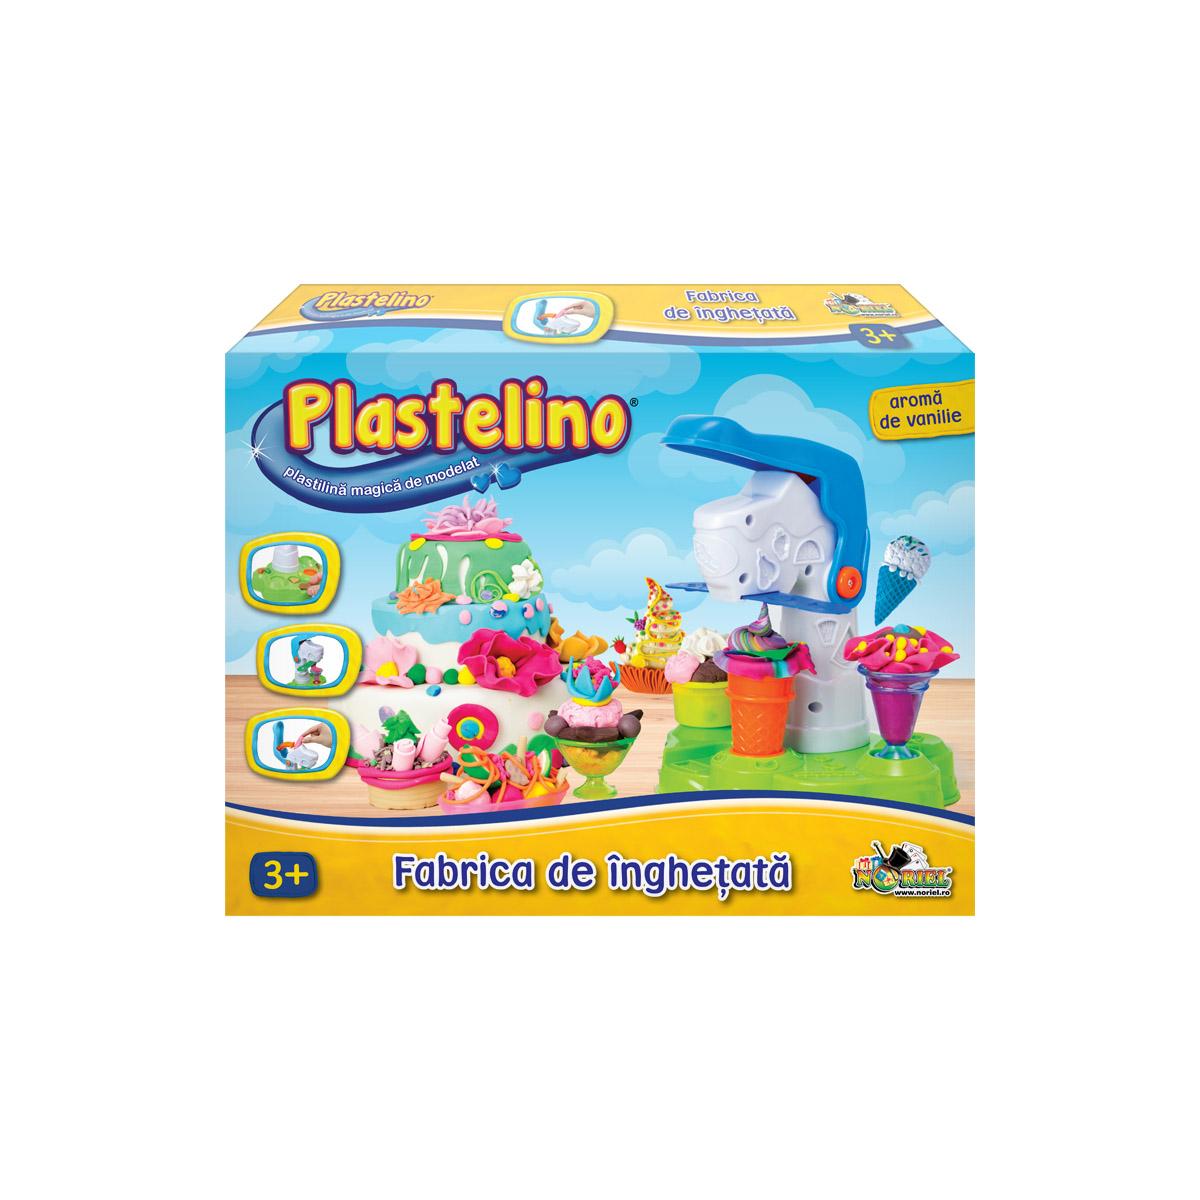 Plastelino - Fabrica de Inghetata 2